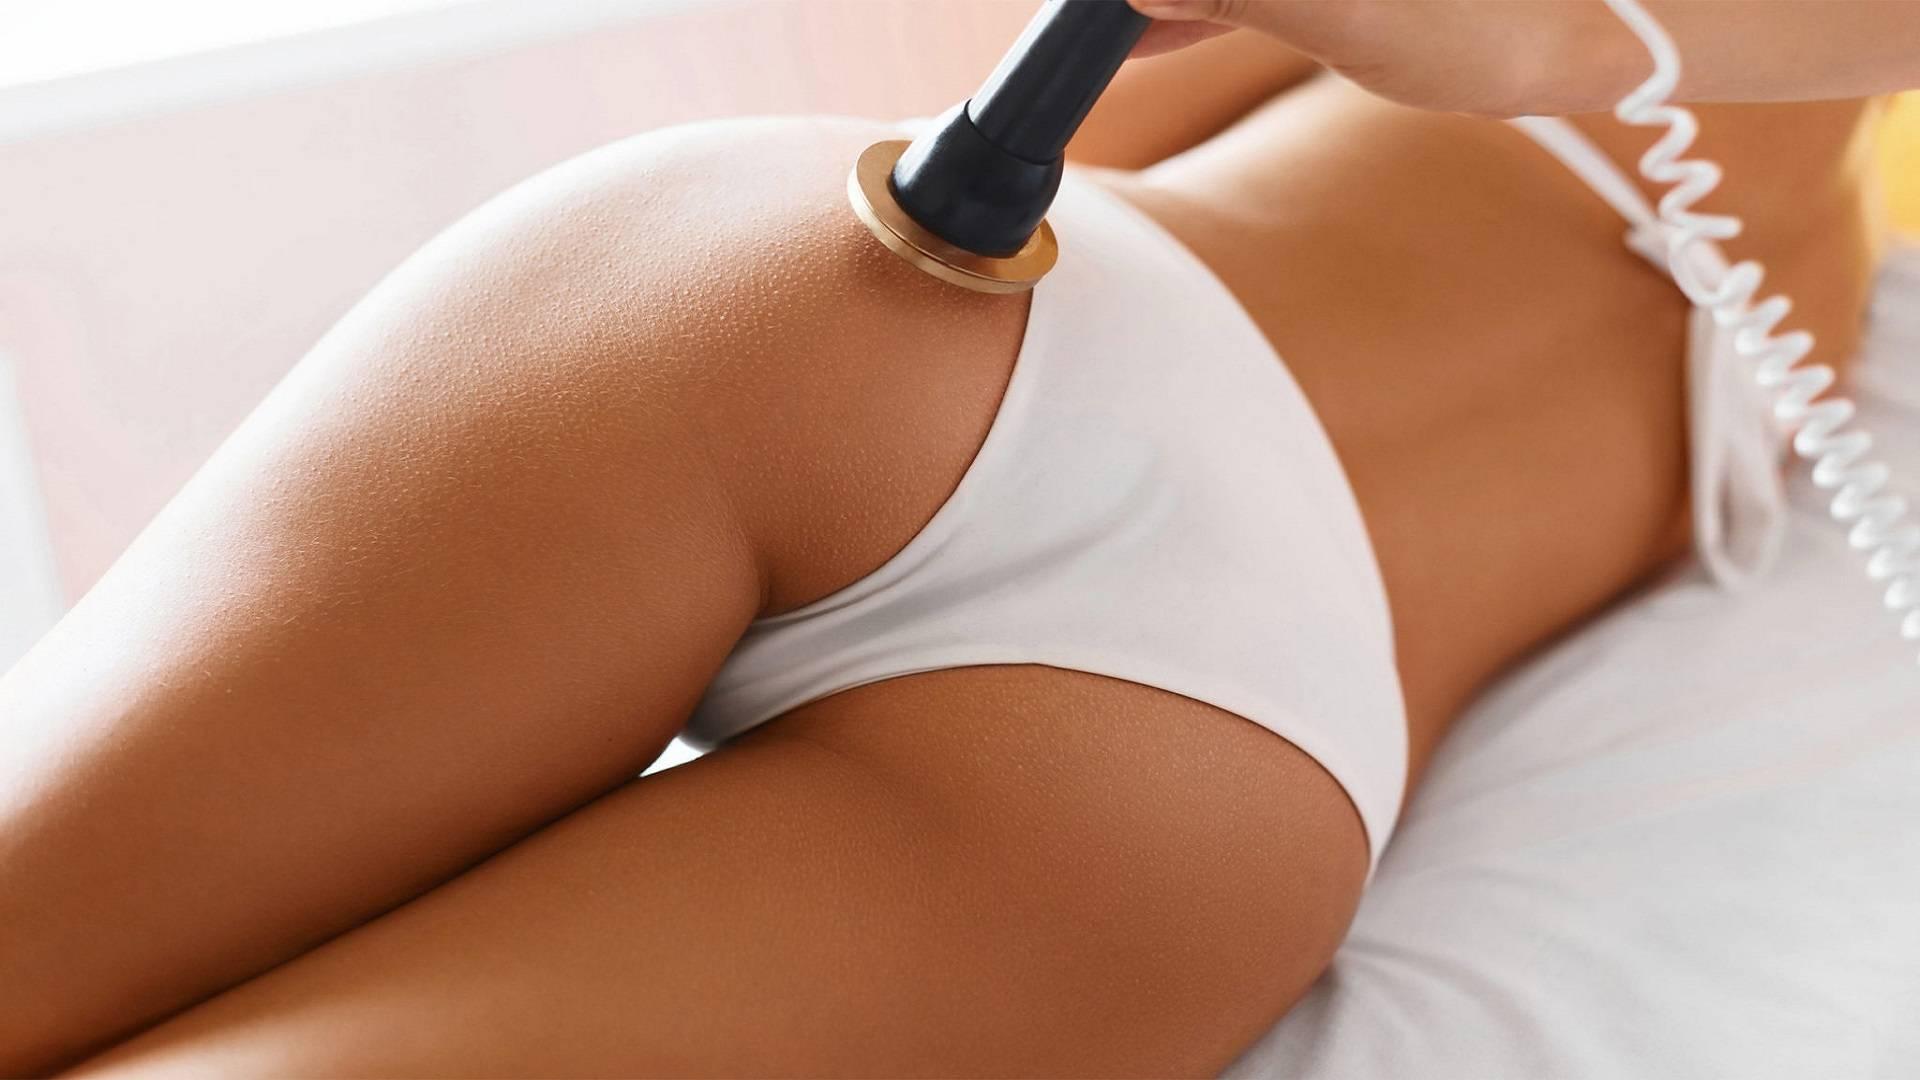 Вакуумный массаж от целлюлита. виды, эффективность, способы выполнения